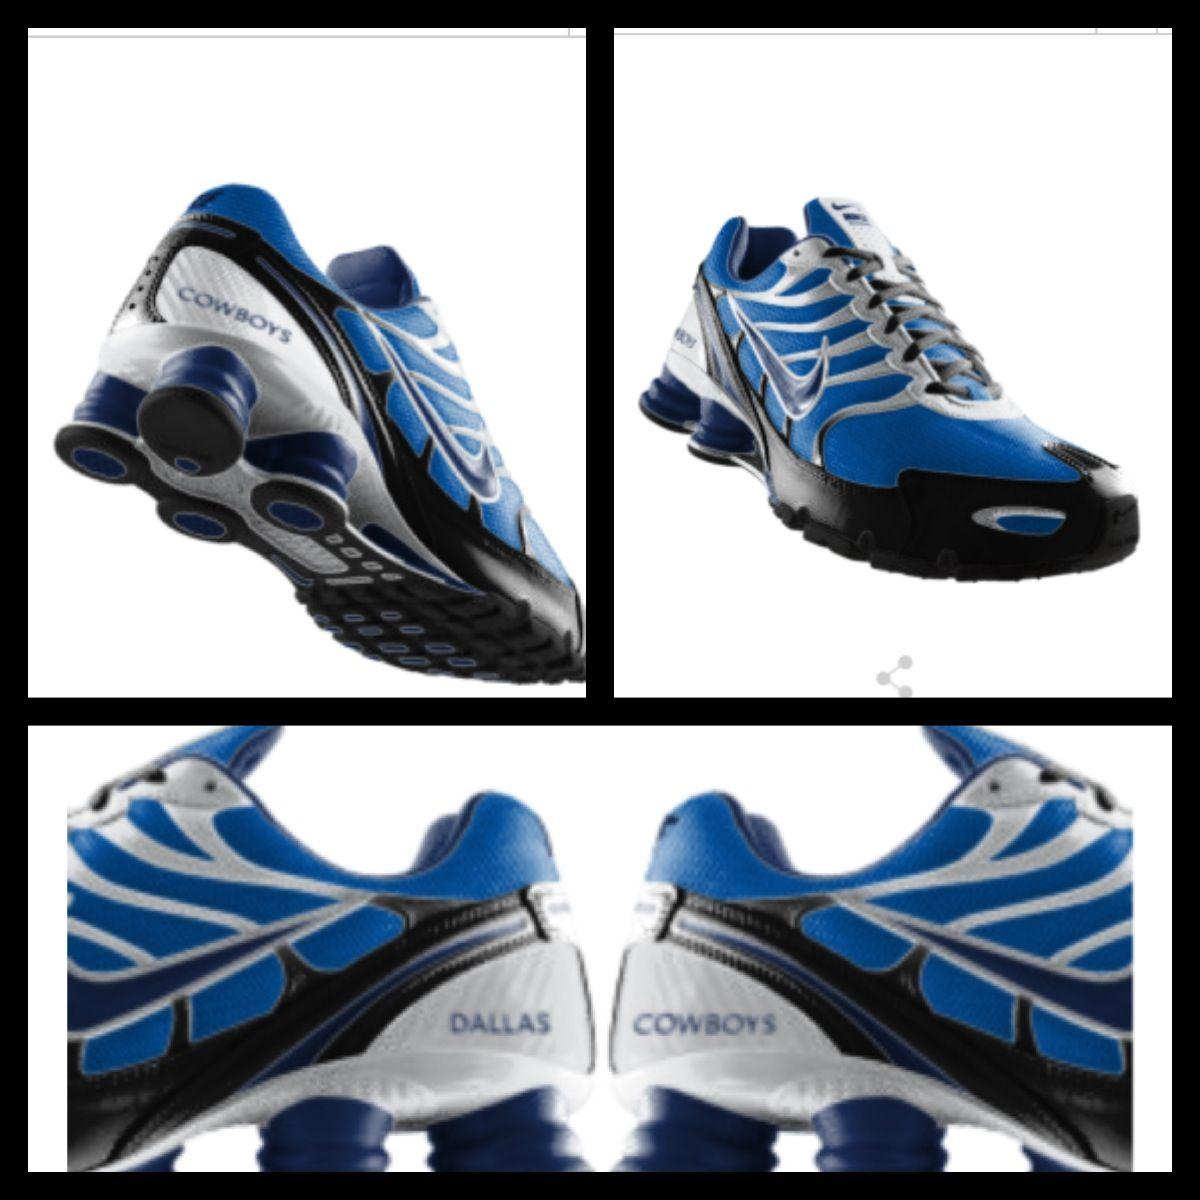 74ab048f2a3c16 Dallas Cowboy Nike Shox